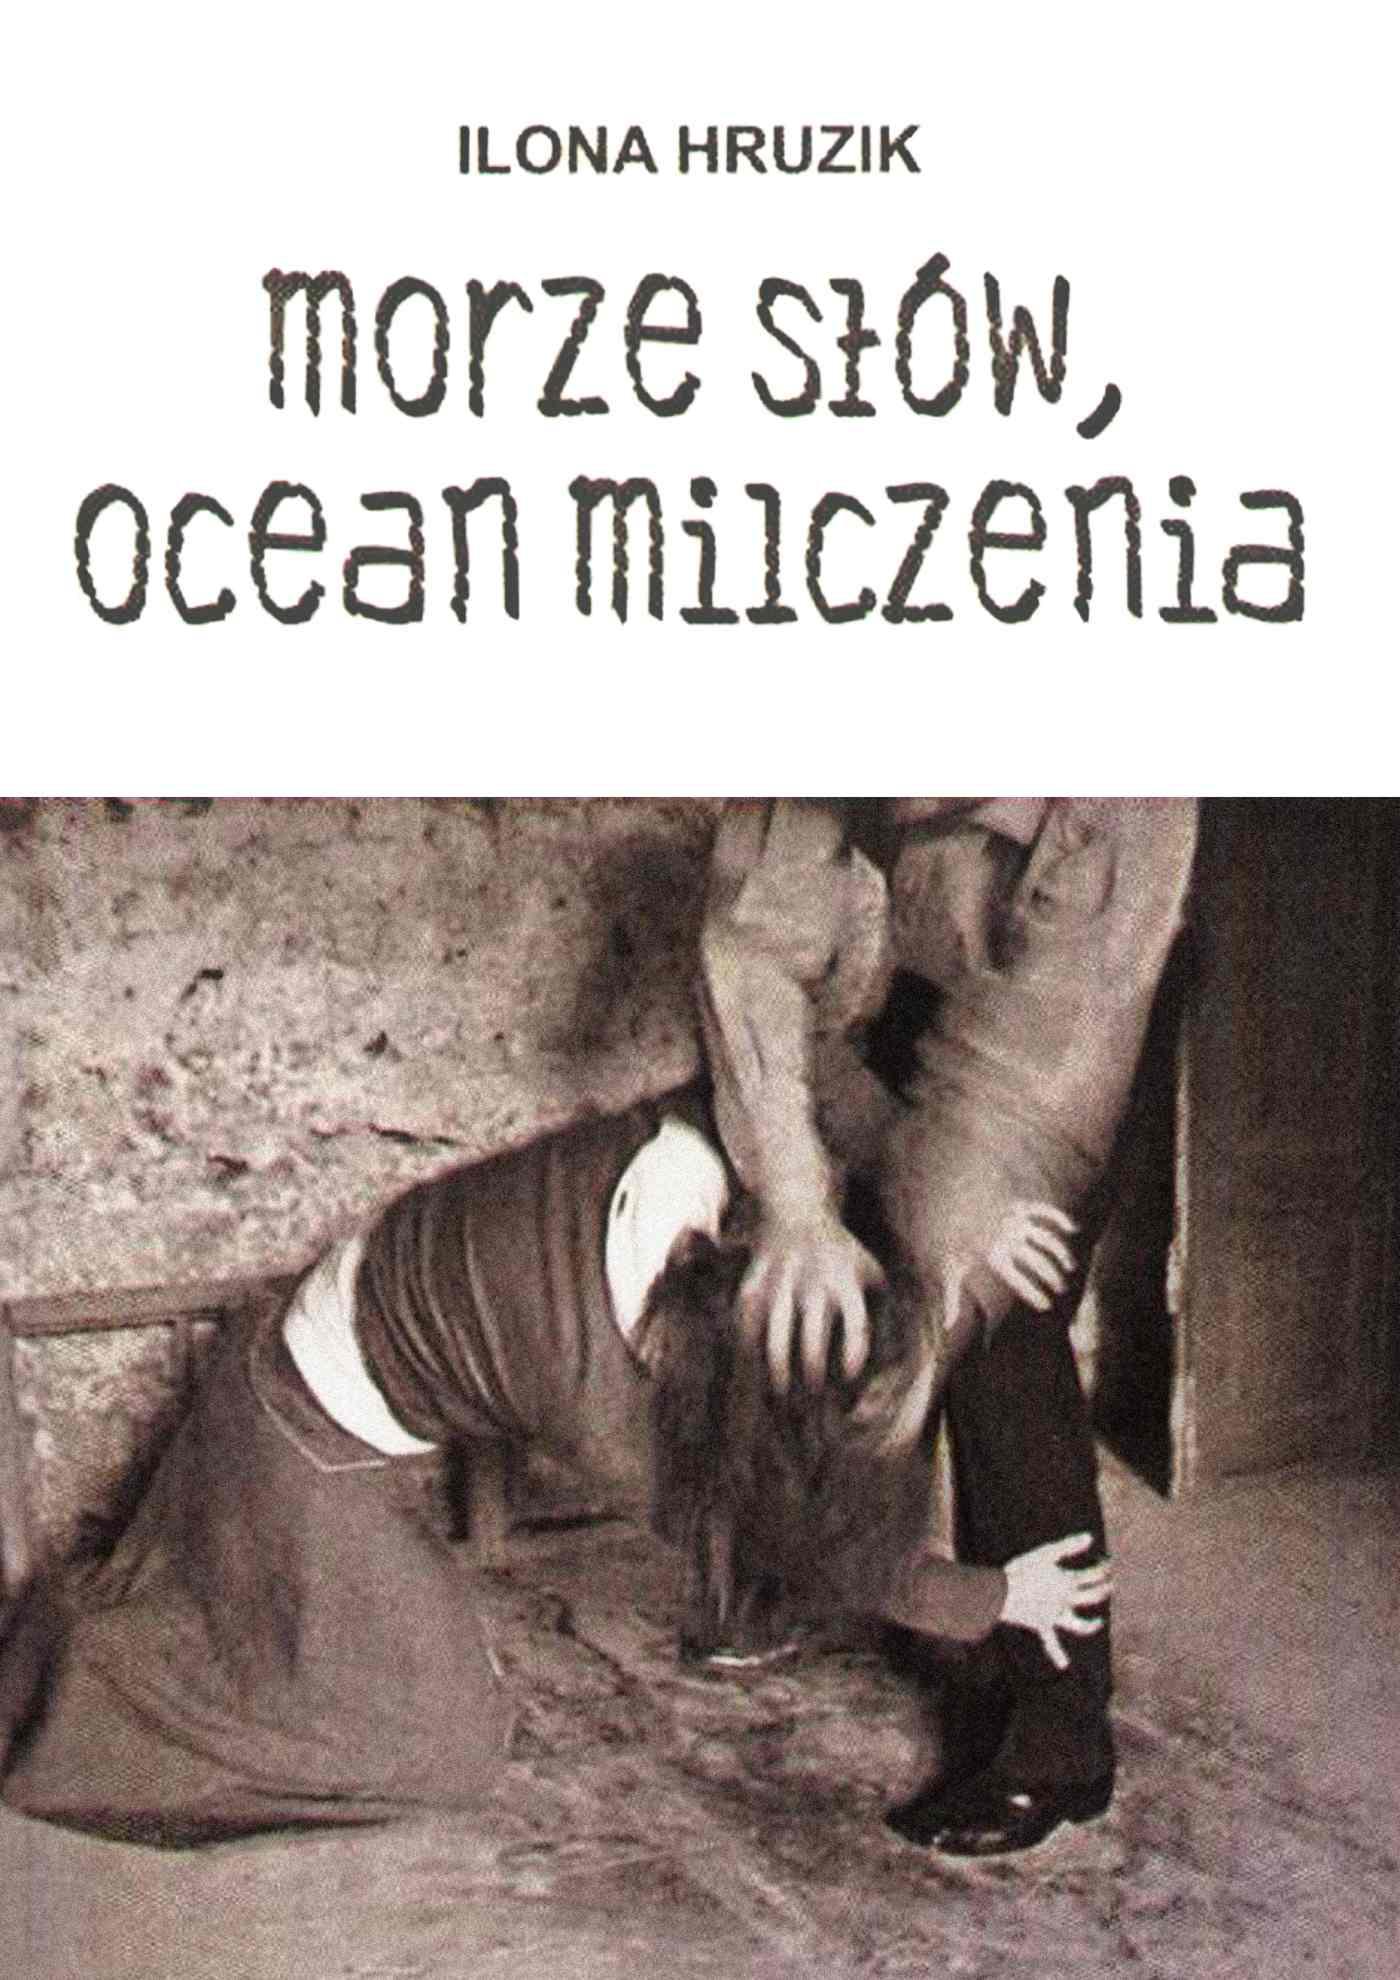 Morze słów, ocean milczenia - Ebook (Książka na Kindle) do pobrania w formacie MOBI